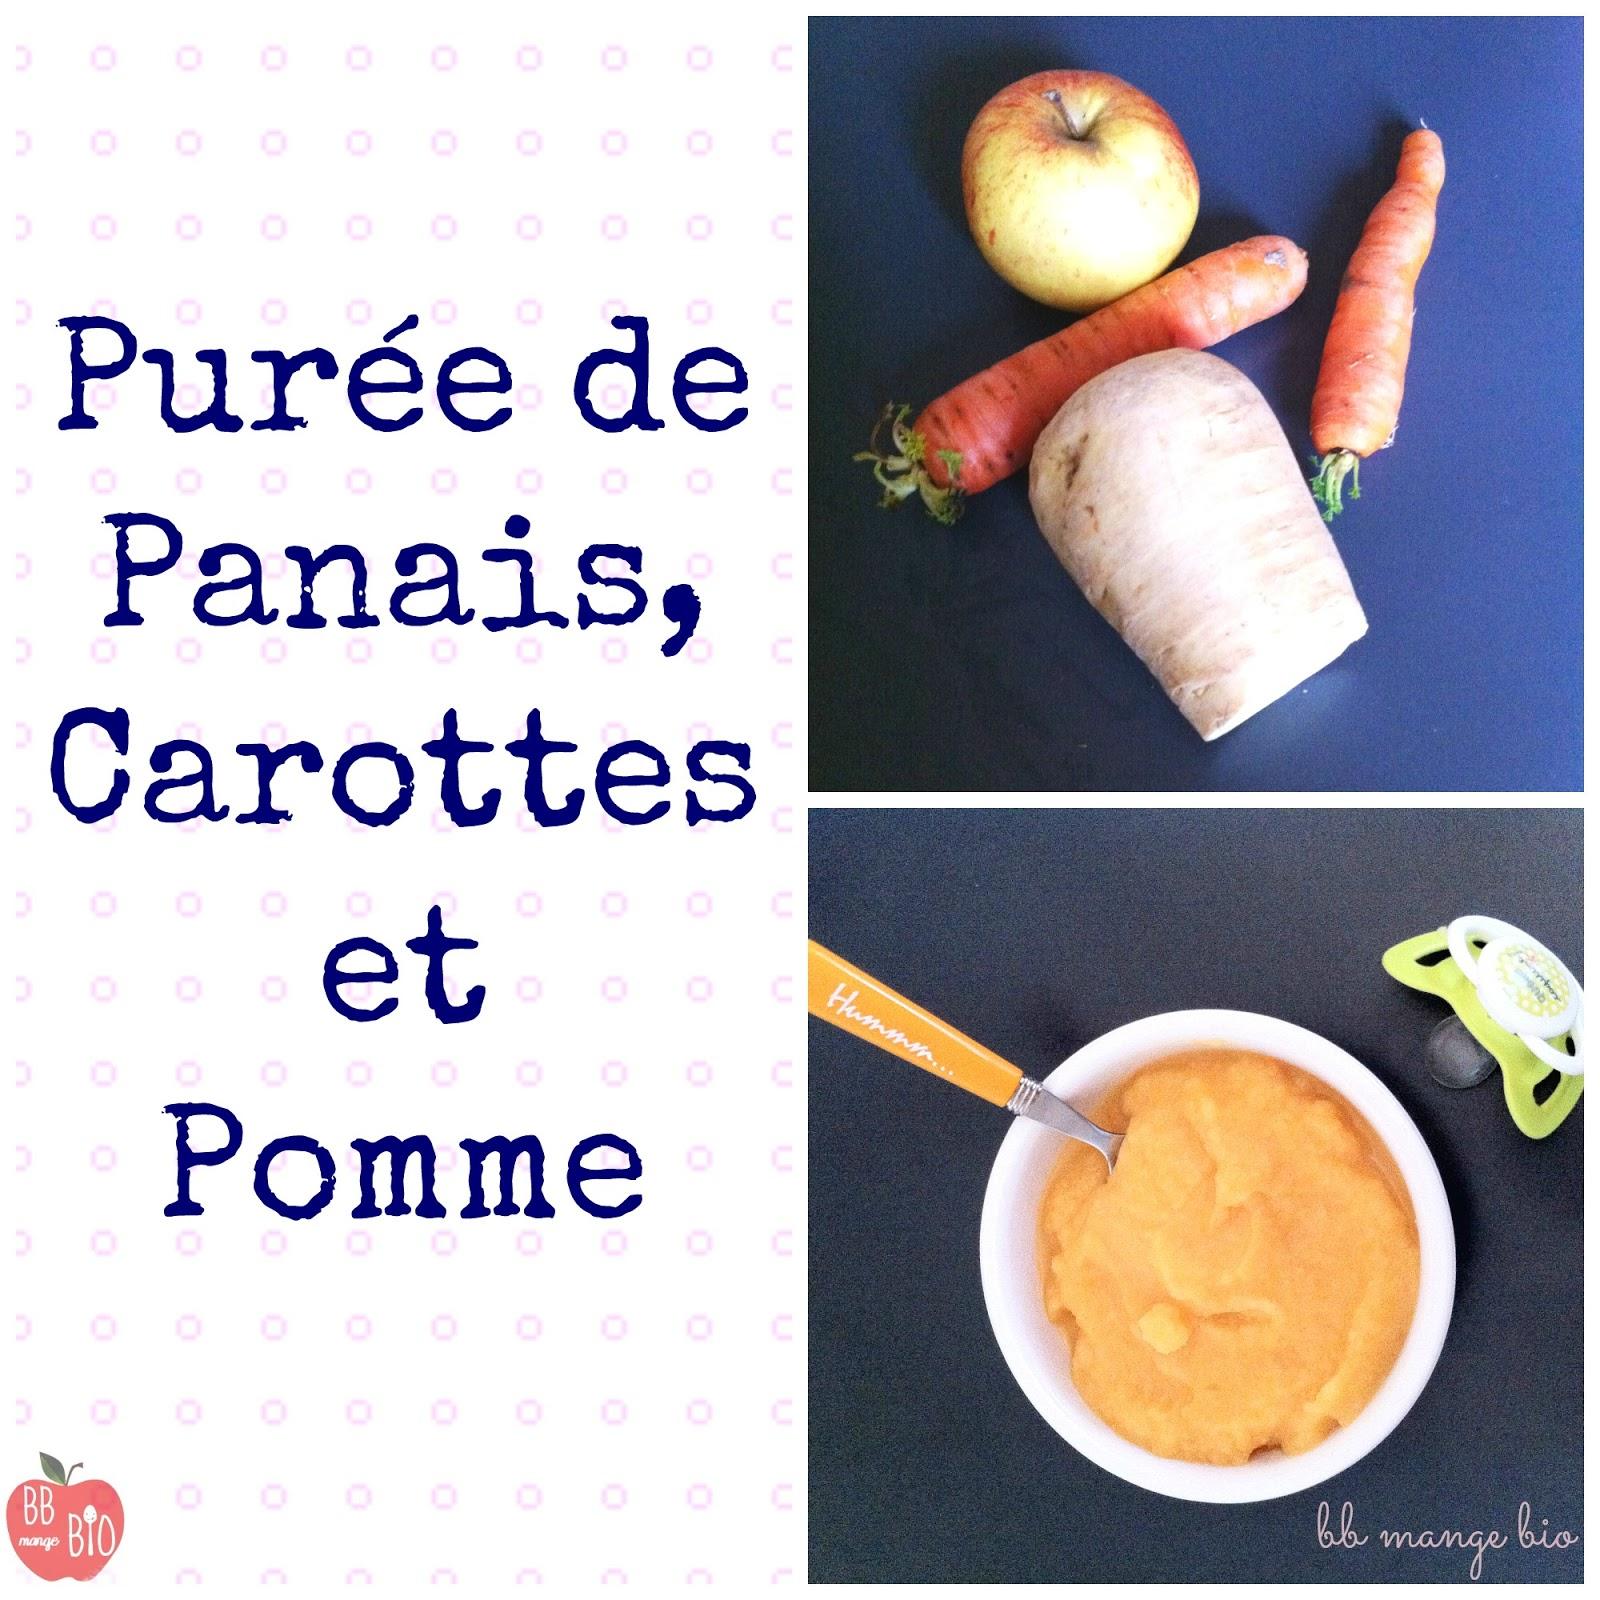 BB mange bio purée de panais, carottes et pomme. A partir de 6 mois. Sans gluten